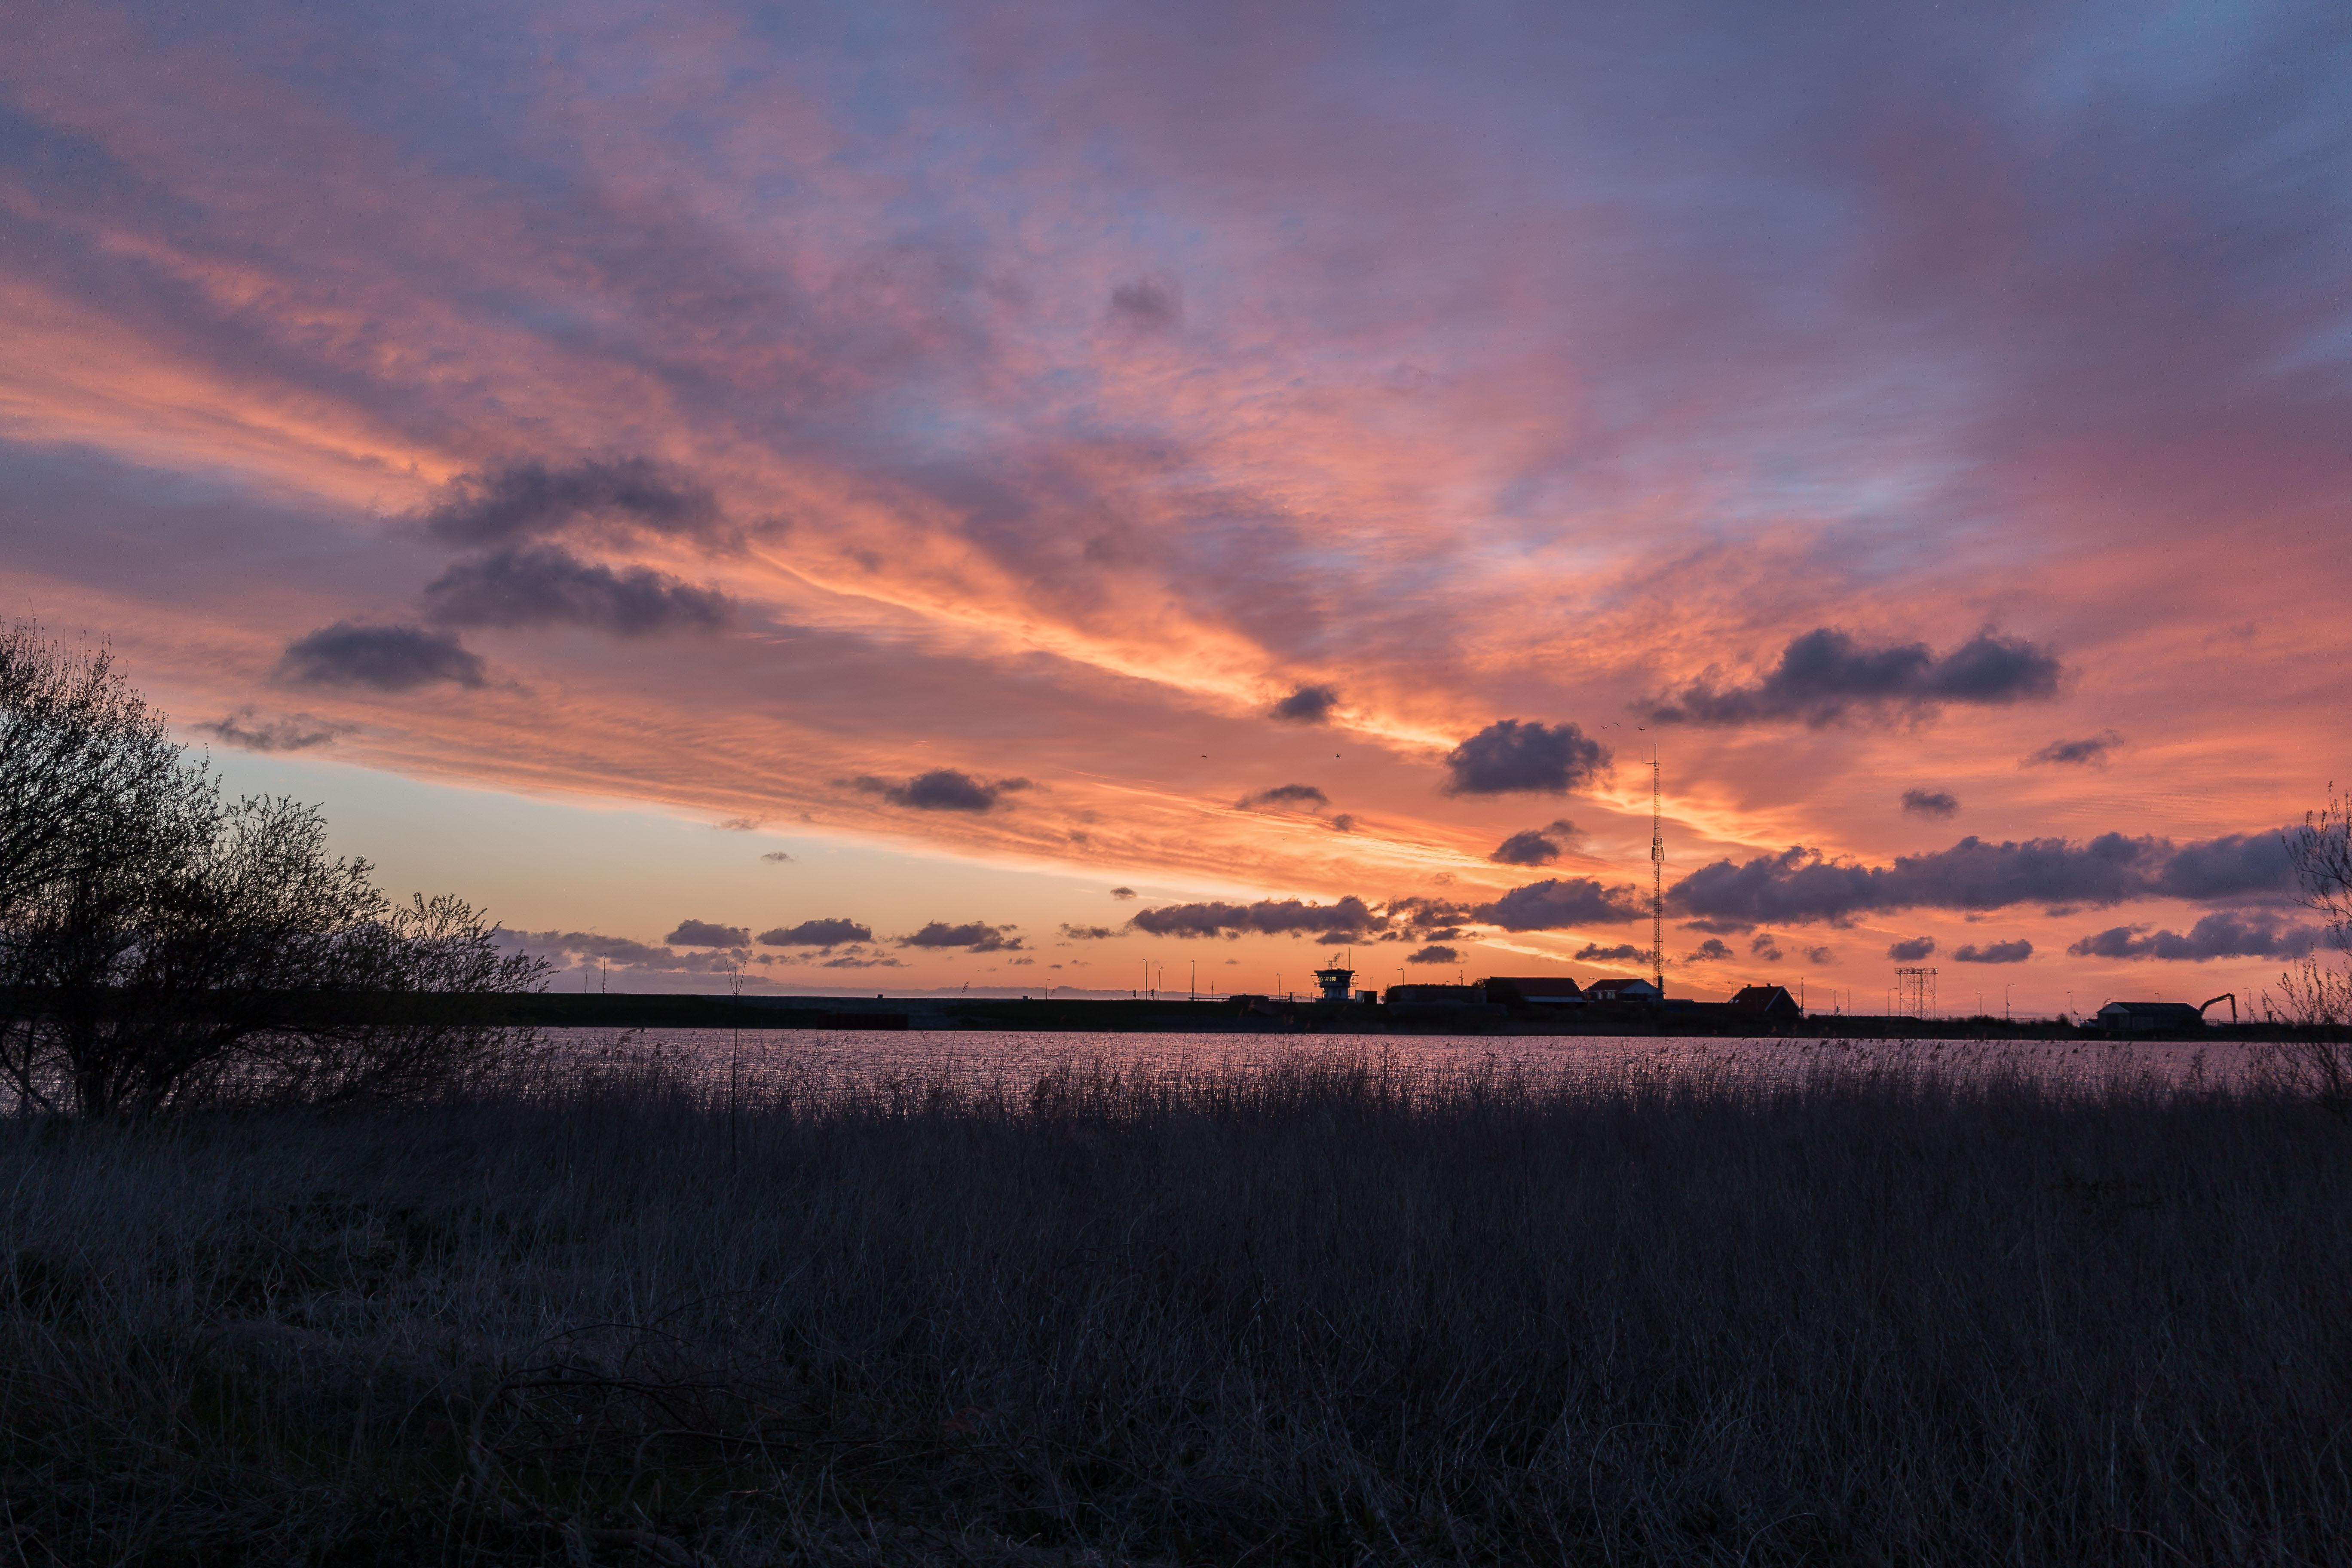 Stevinsluizen at Sunrise, Afsluitdijk, Clouds, Colors, Golden, HQ Photo